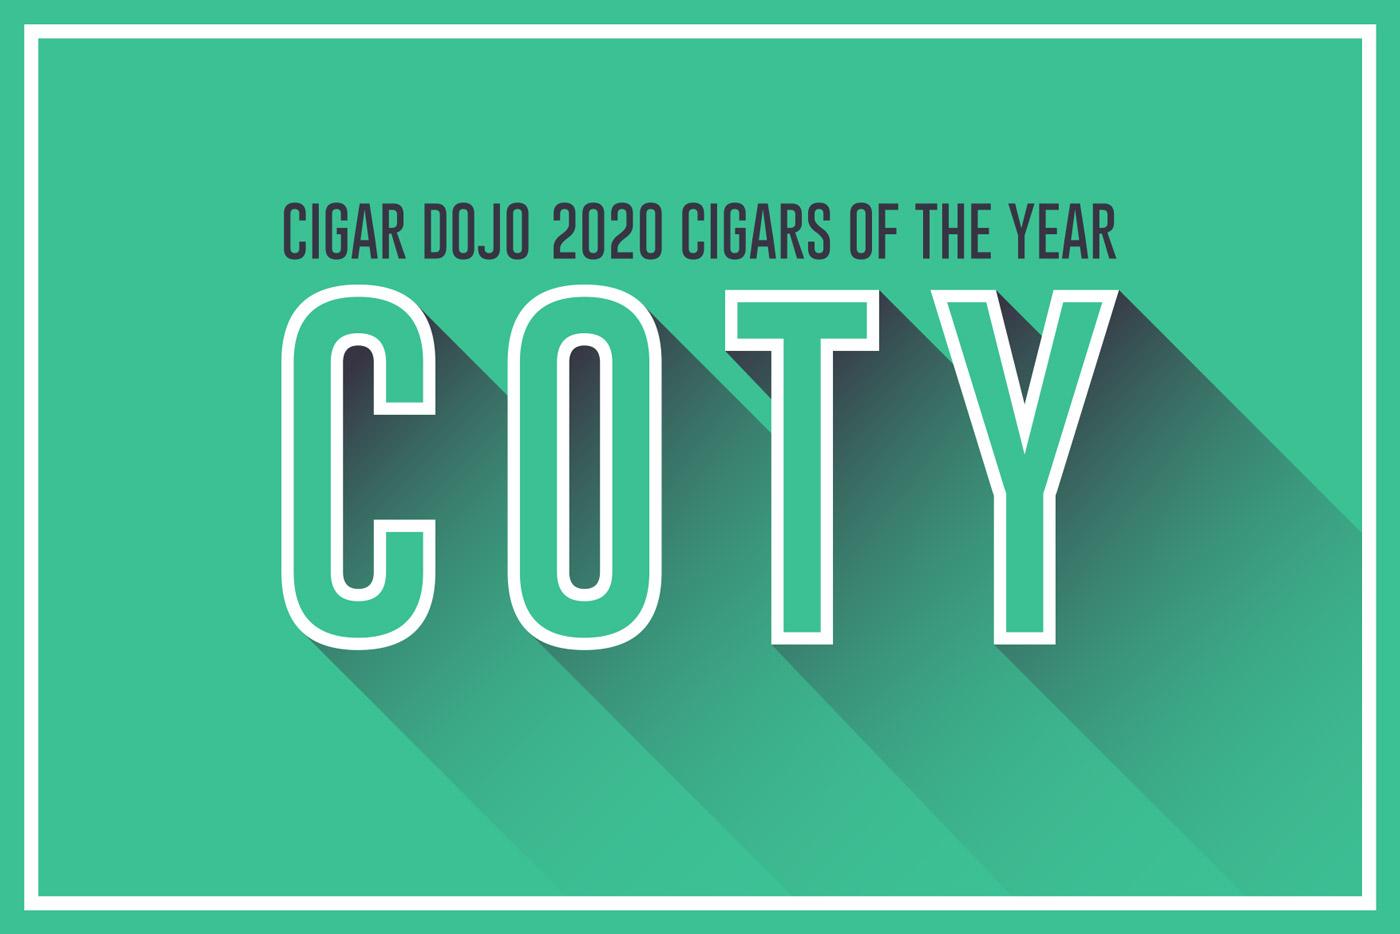 Cigar Dojo Cigars of the Year 2020